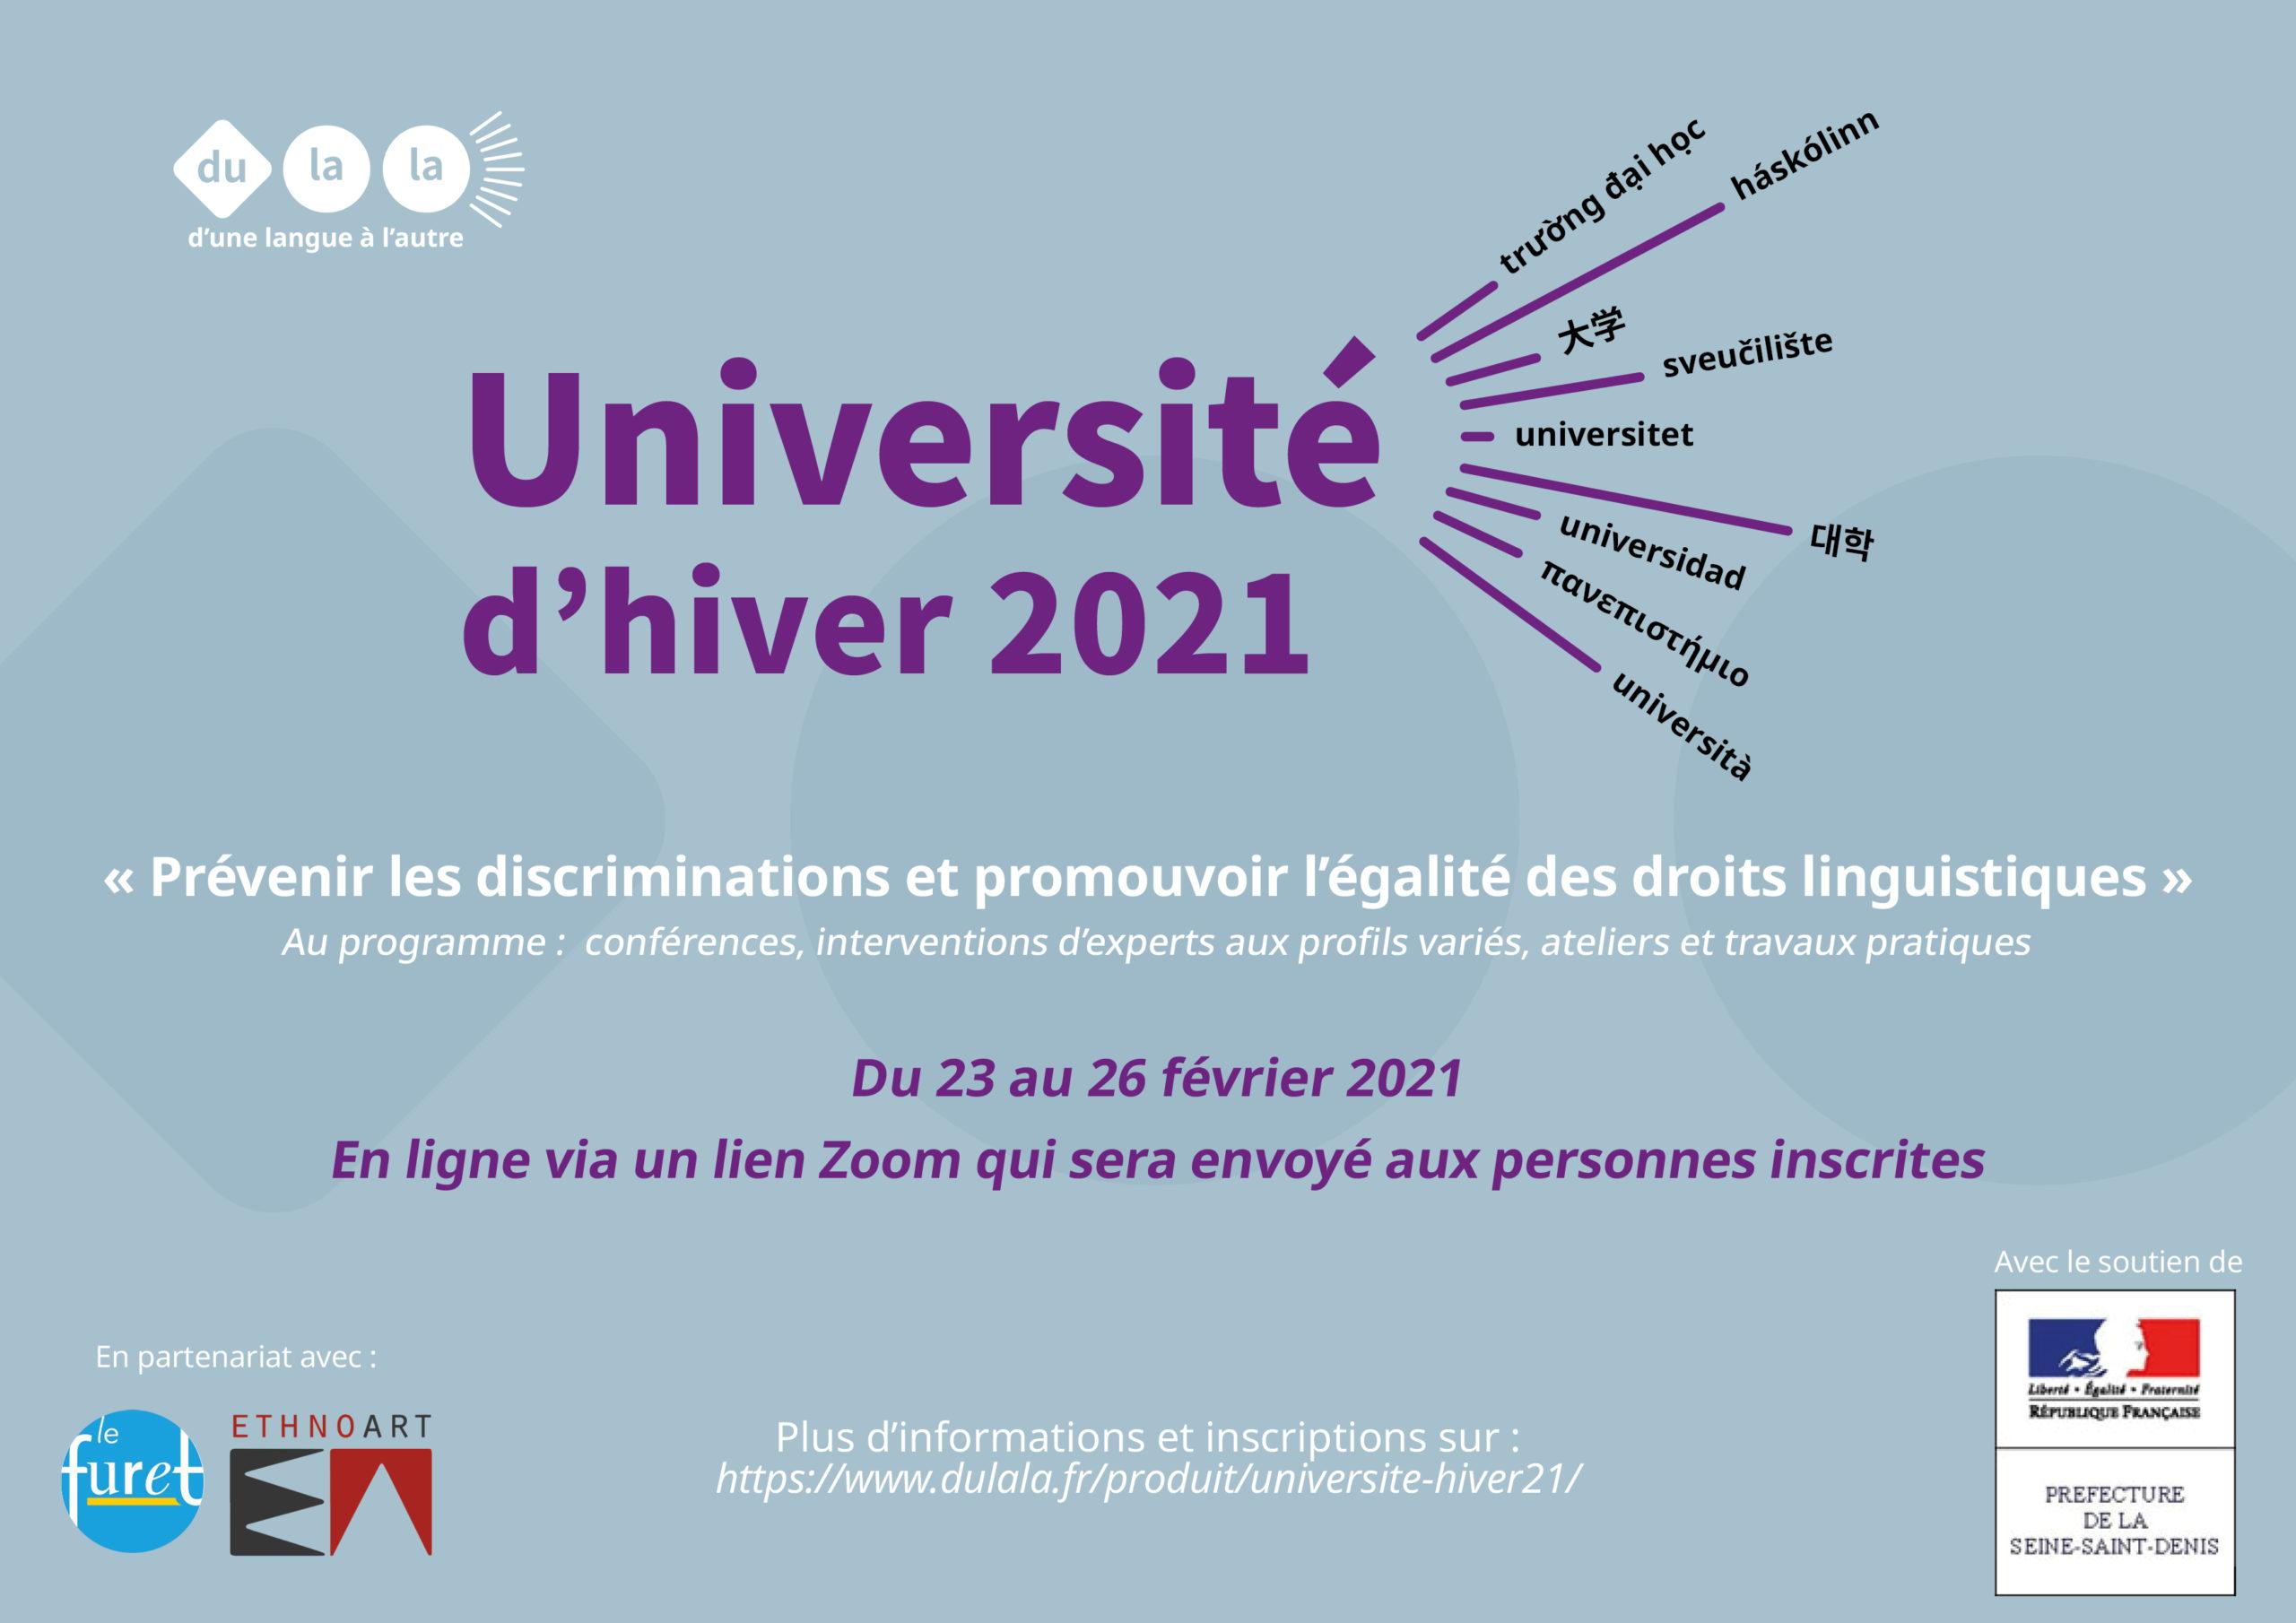 Université d'hiver 2021